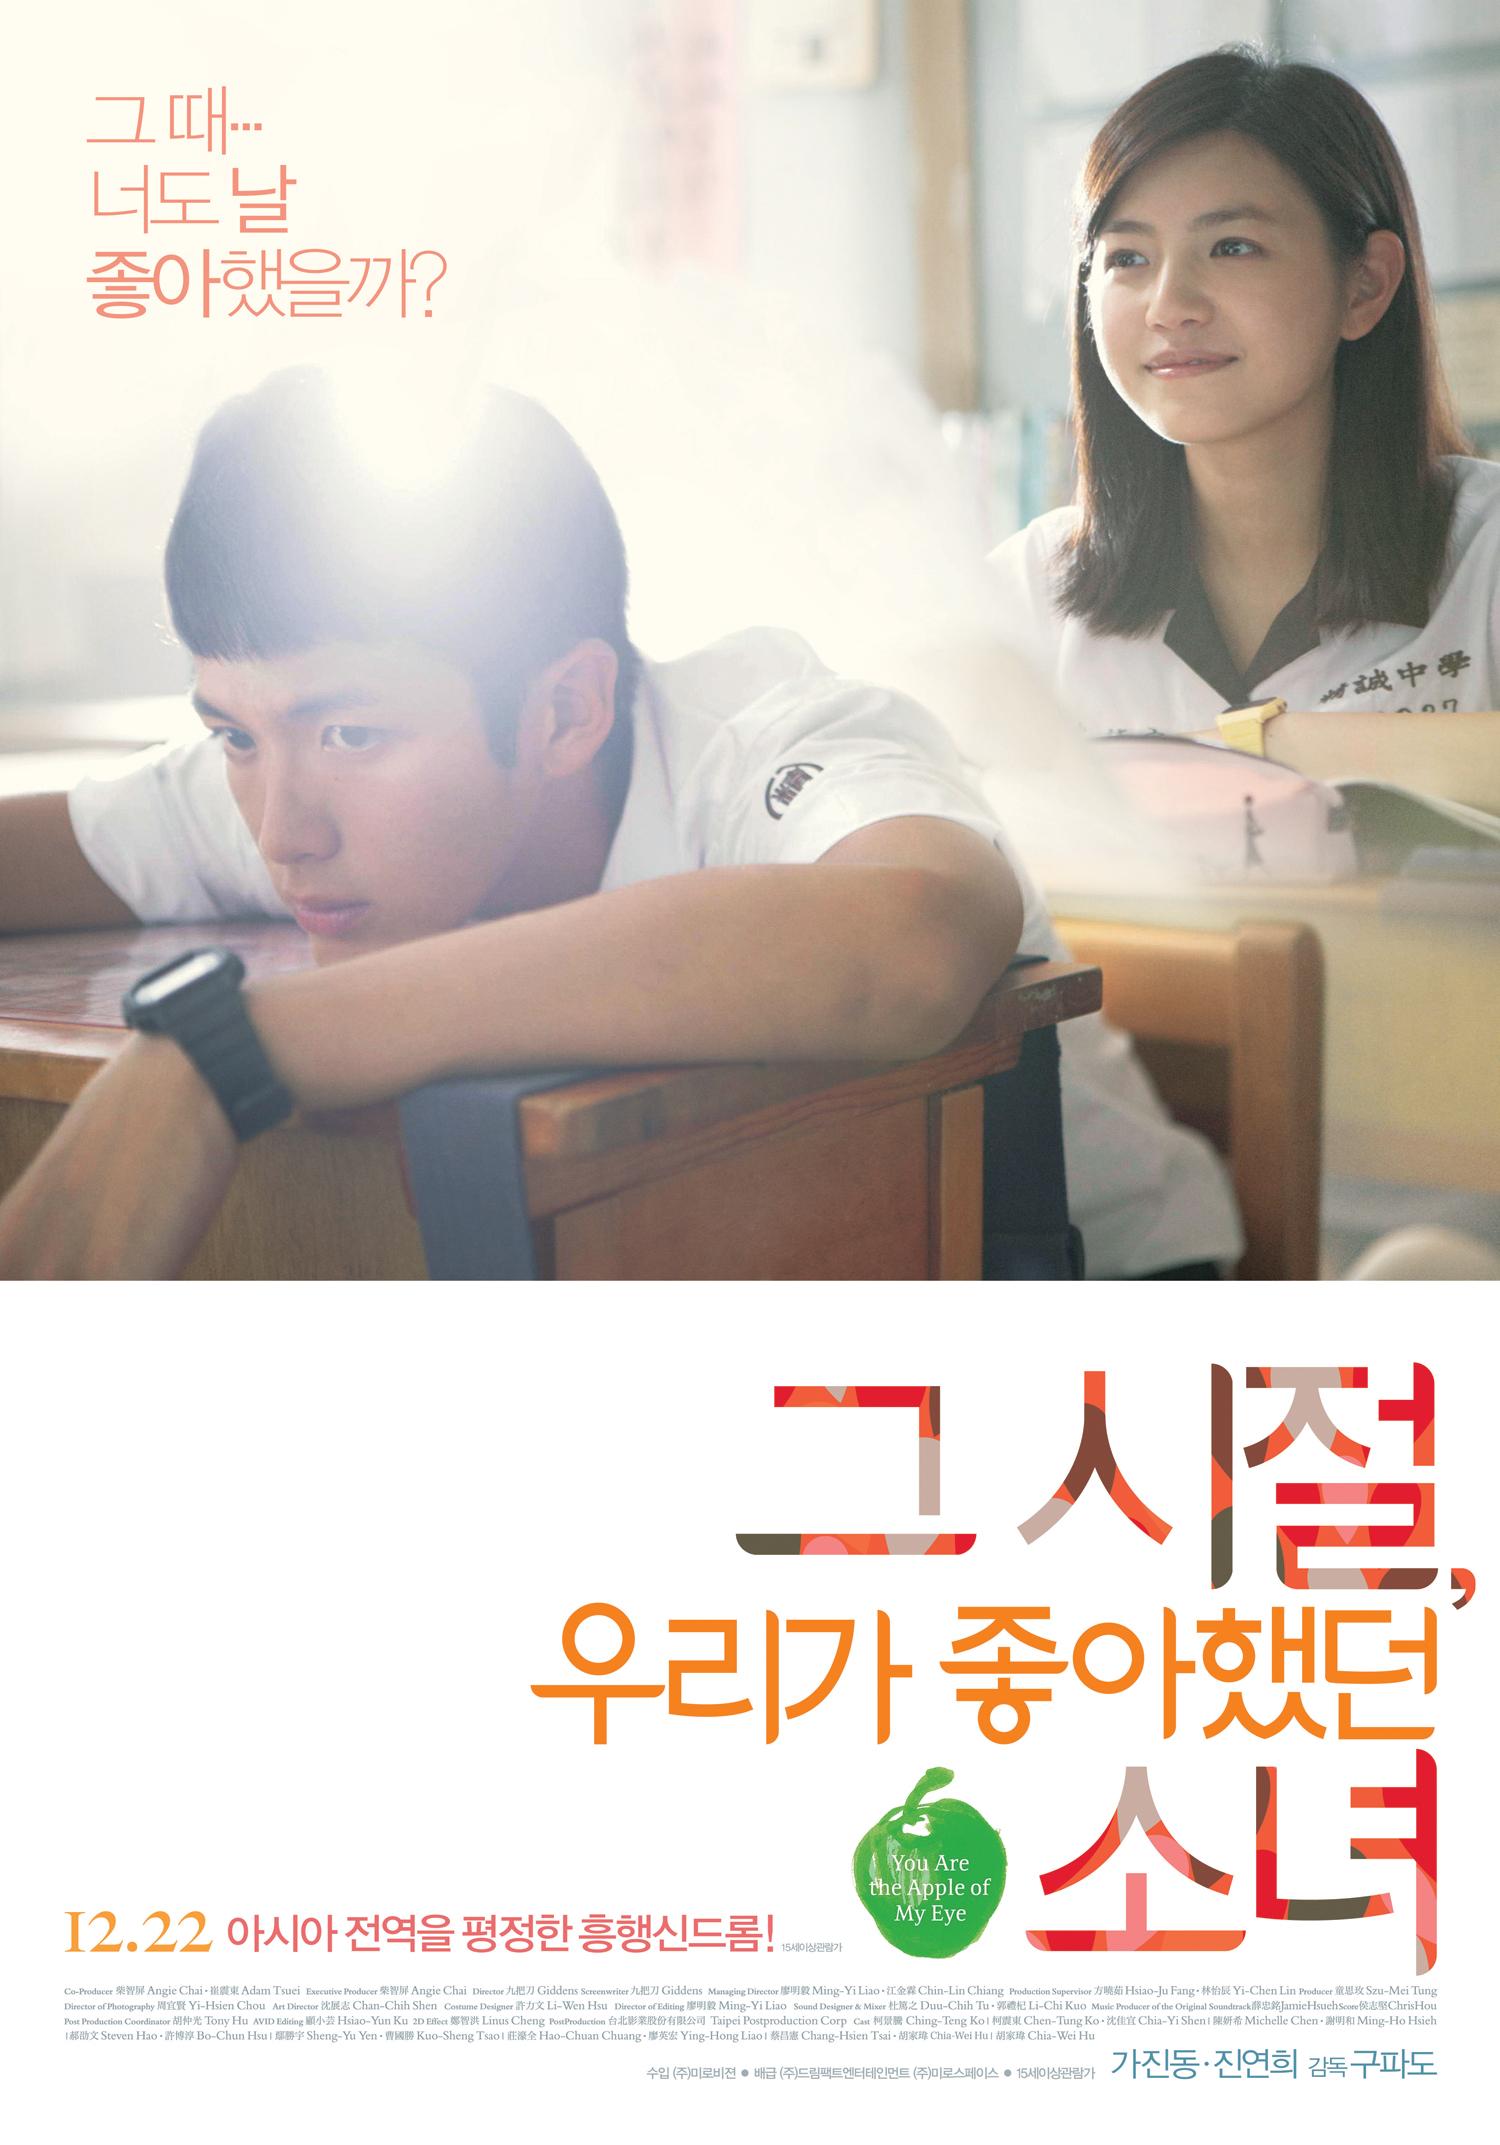 [영화종합] 첫사랑의 아련함 담은 로맨스 영화들 재개봉 열풍!